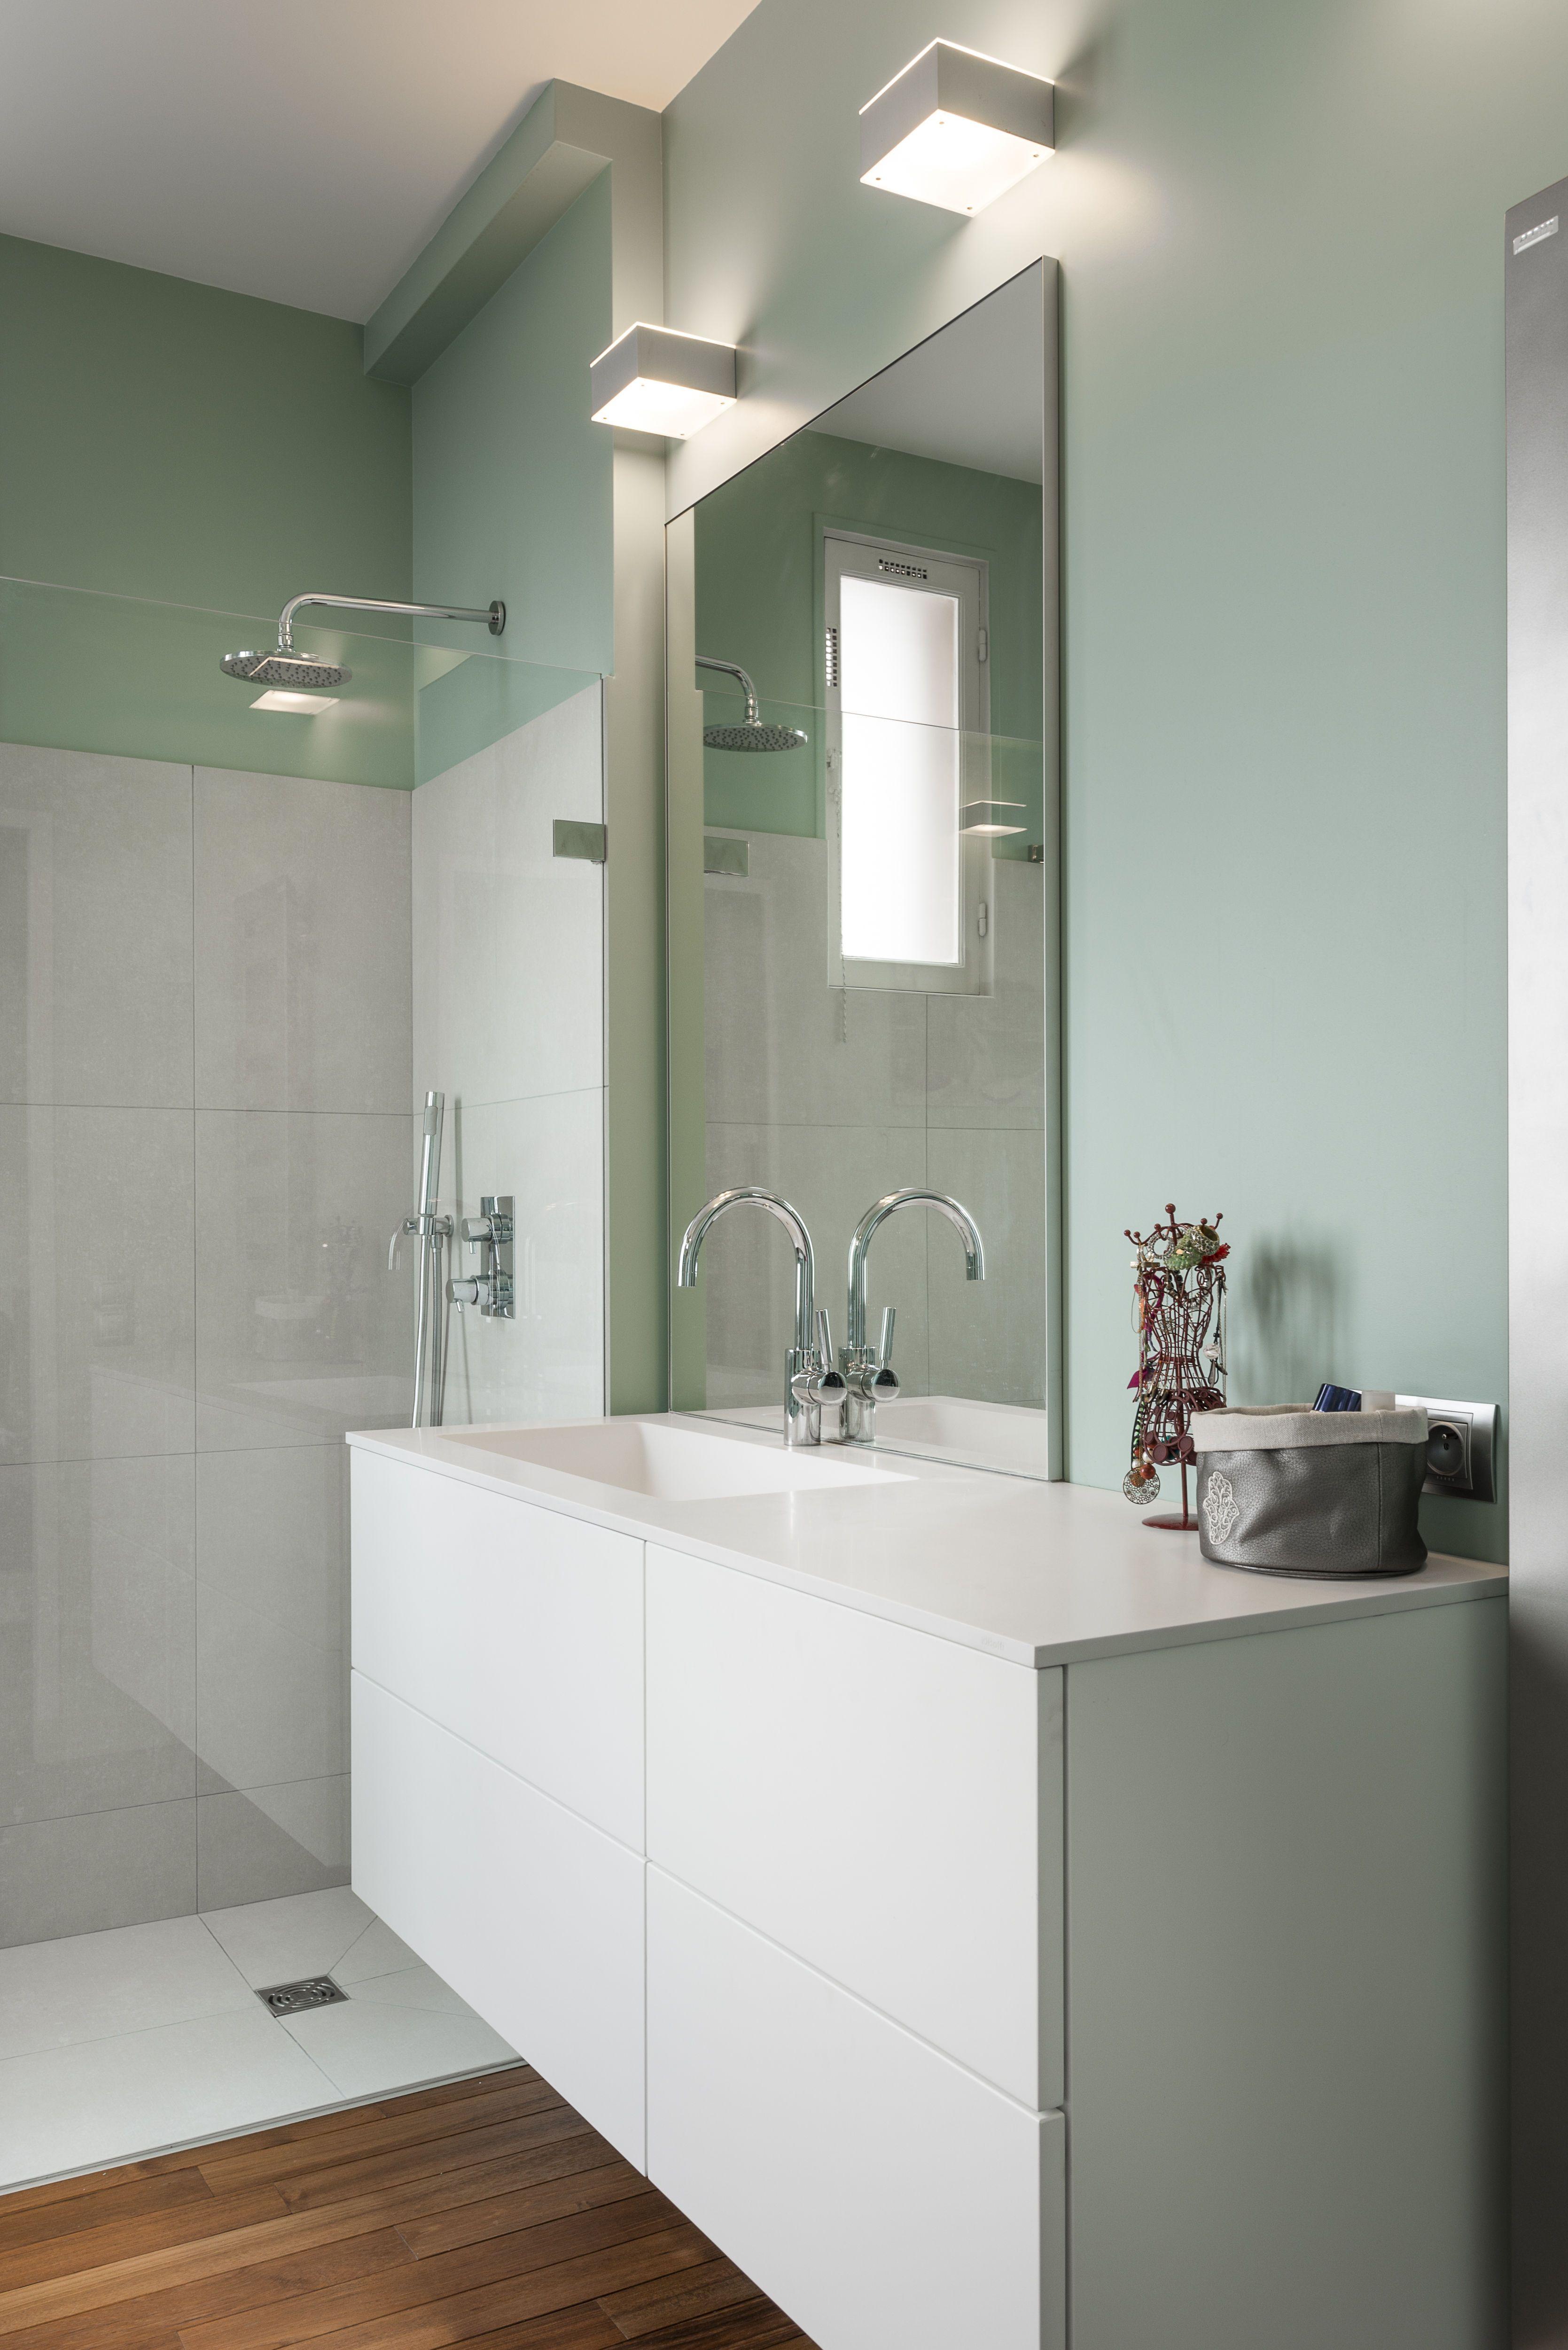 diane rencontre un archi salle de bain style classique. Black Bedroom Furniture Sets. Home Design Ideas